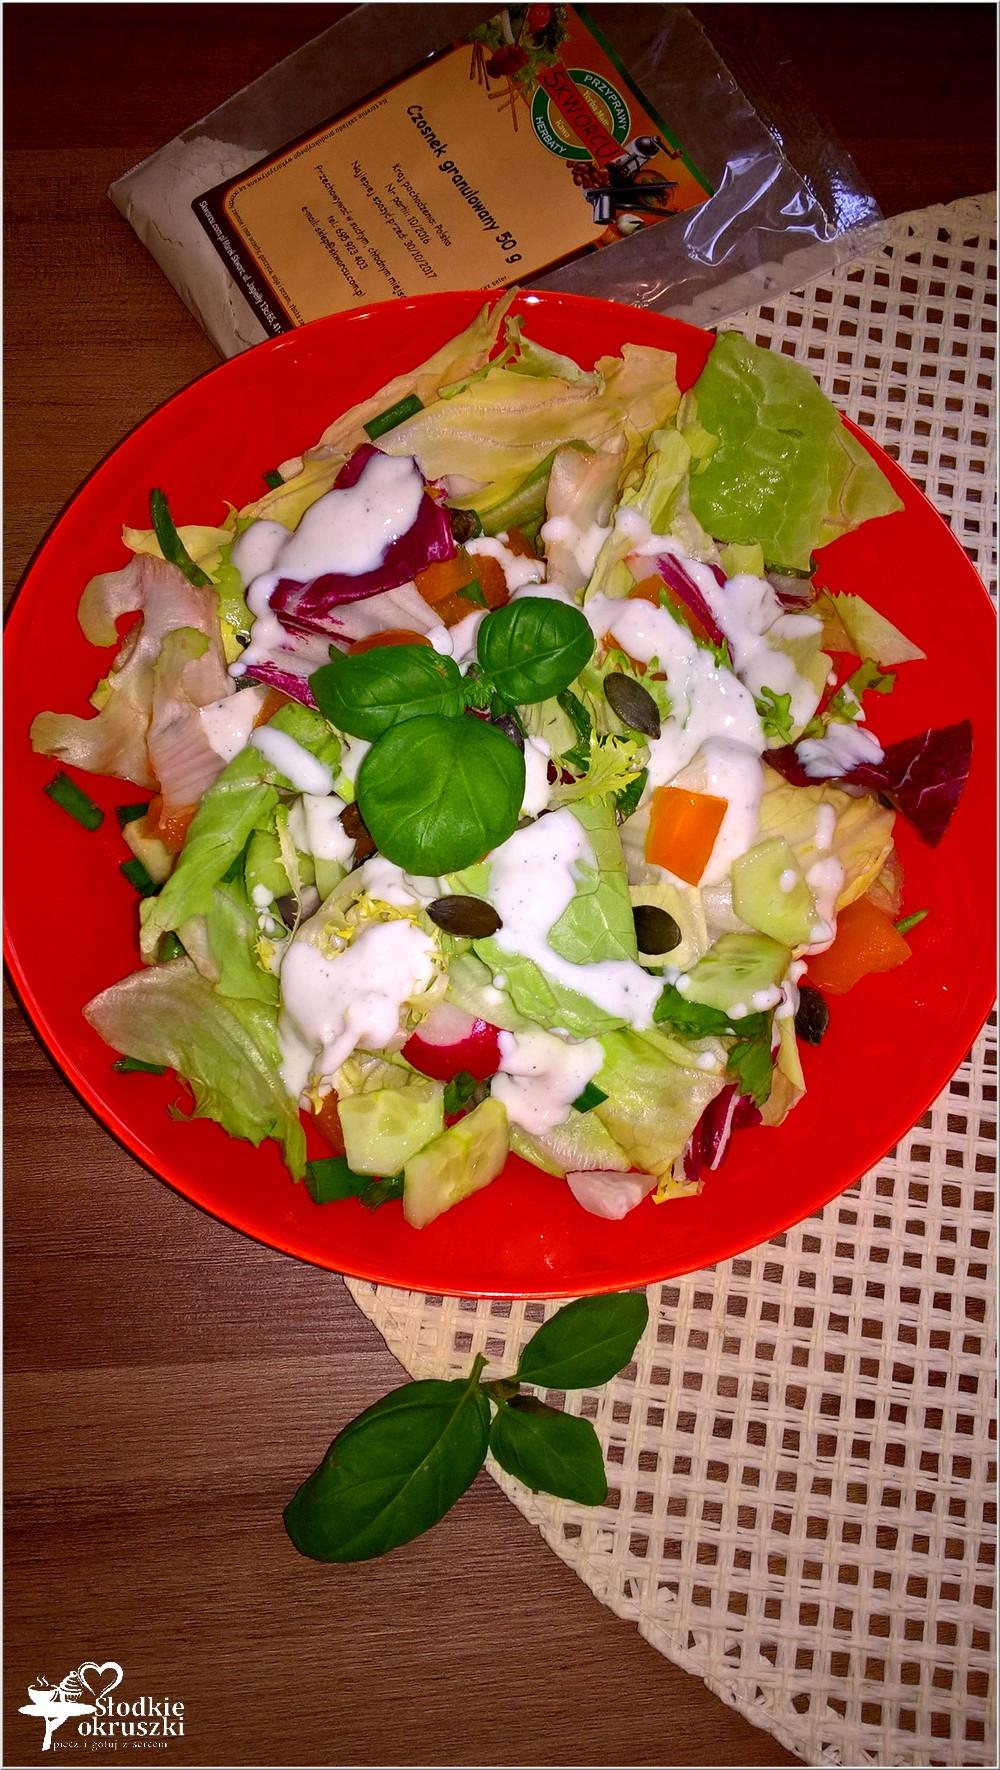 szybka-salatka-w-lekkim-sosie-czosnkowym-z-pestkami-dyni-3